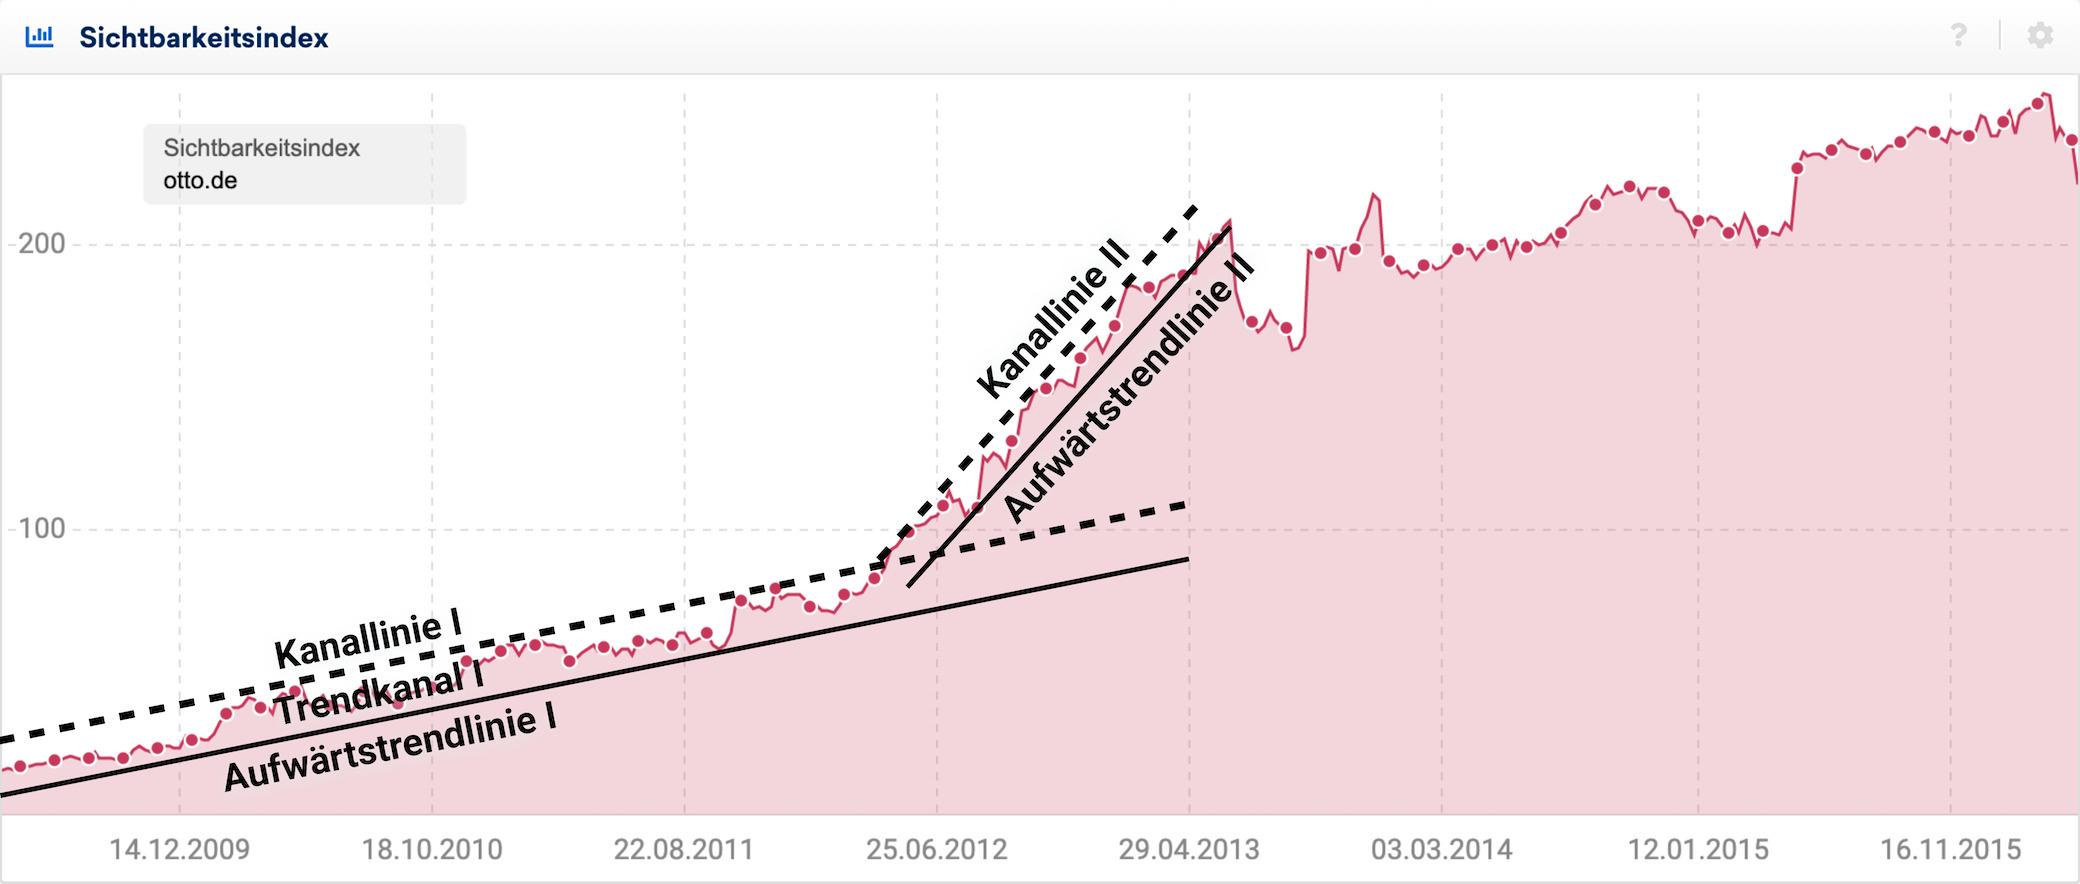 Sichtbarkeitsindexverlauf für otto.de. Eingezeichnet sind zwei Aufwärtstrendlinien mit den dazugehörigen Kanallinien.